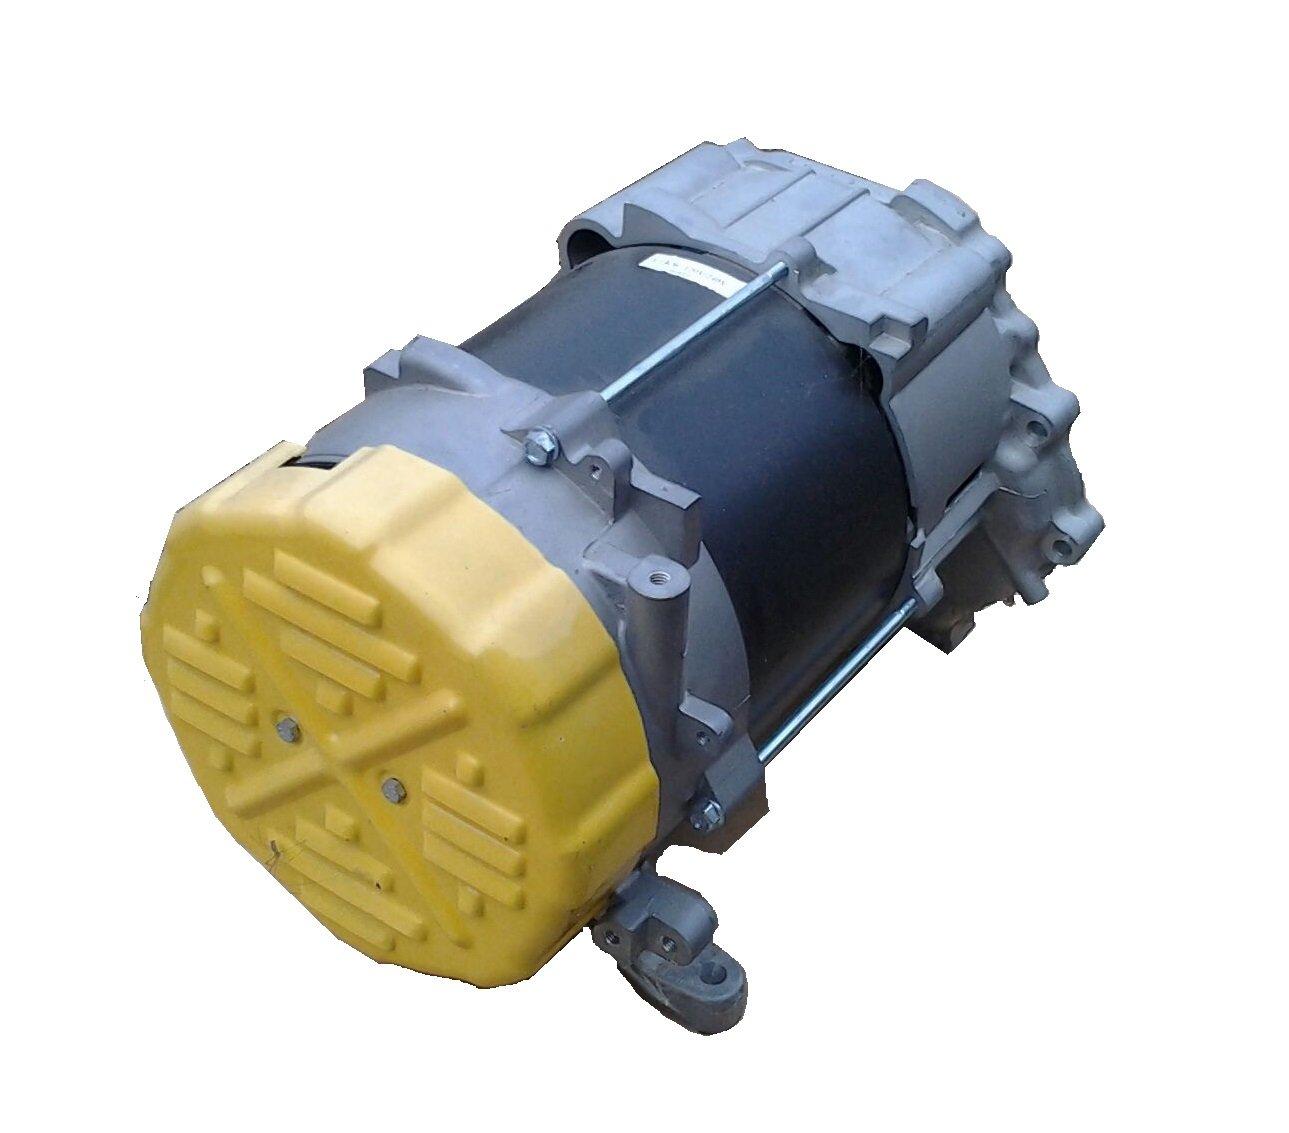 Cheap Generator 20000 Watt Find Deals On Line Centurion 5500 Wiring Diagram Get Quotations 7000 Head Replacement Short Asain Shaft